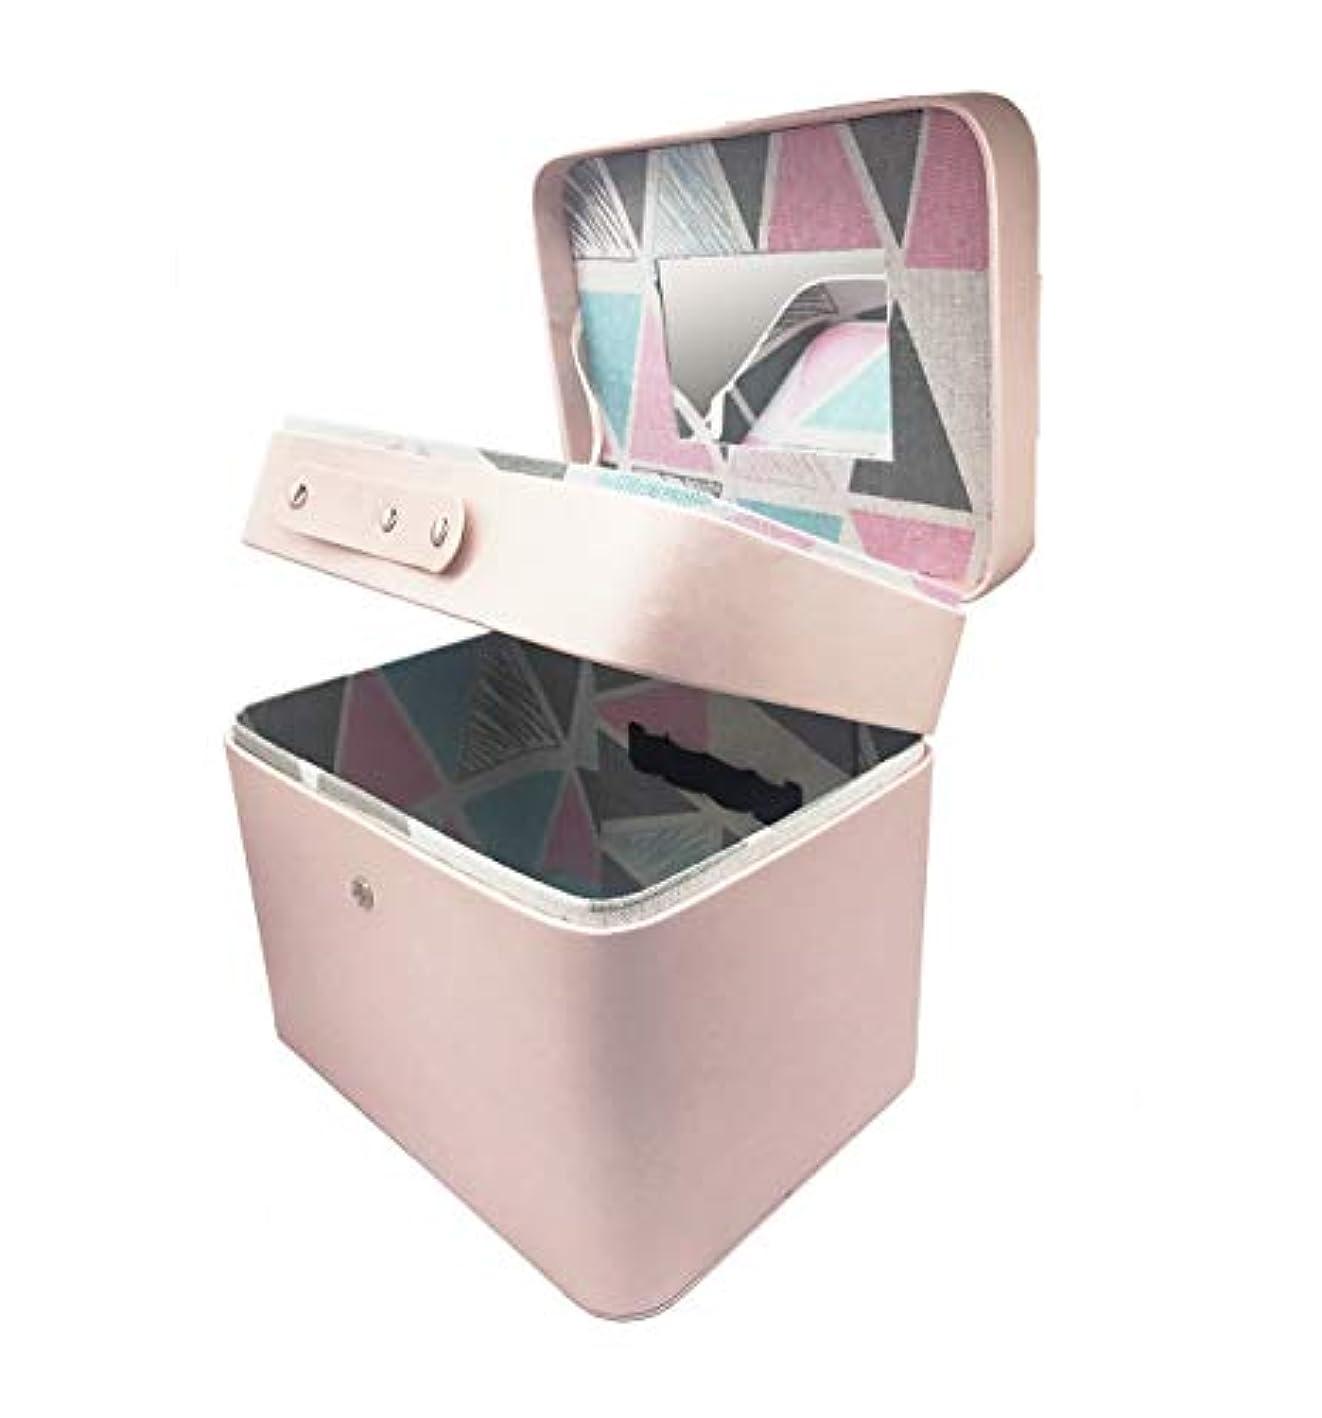 神社ペダルラベンダーSZTulip メイクボックス コスメボックス 大容量収納ケース メイクブラシ化粧道具 小物入れ 鏡付き 化粧品収納ボックス